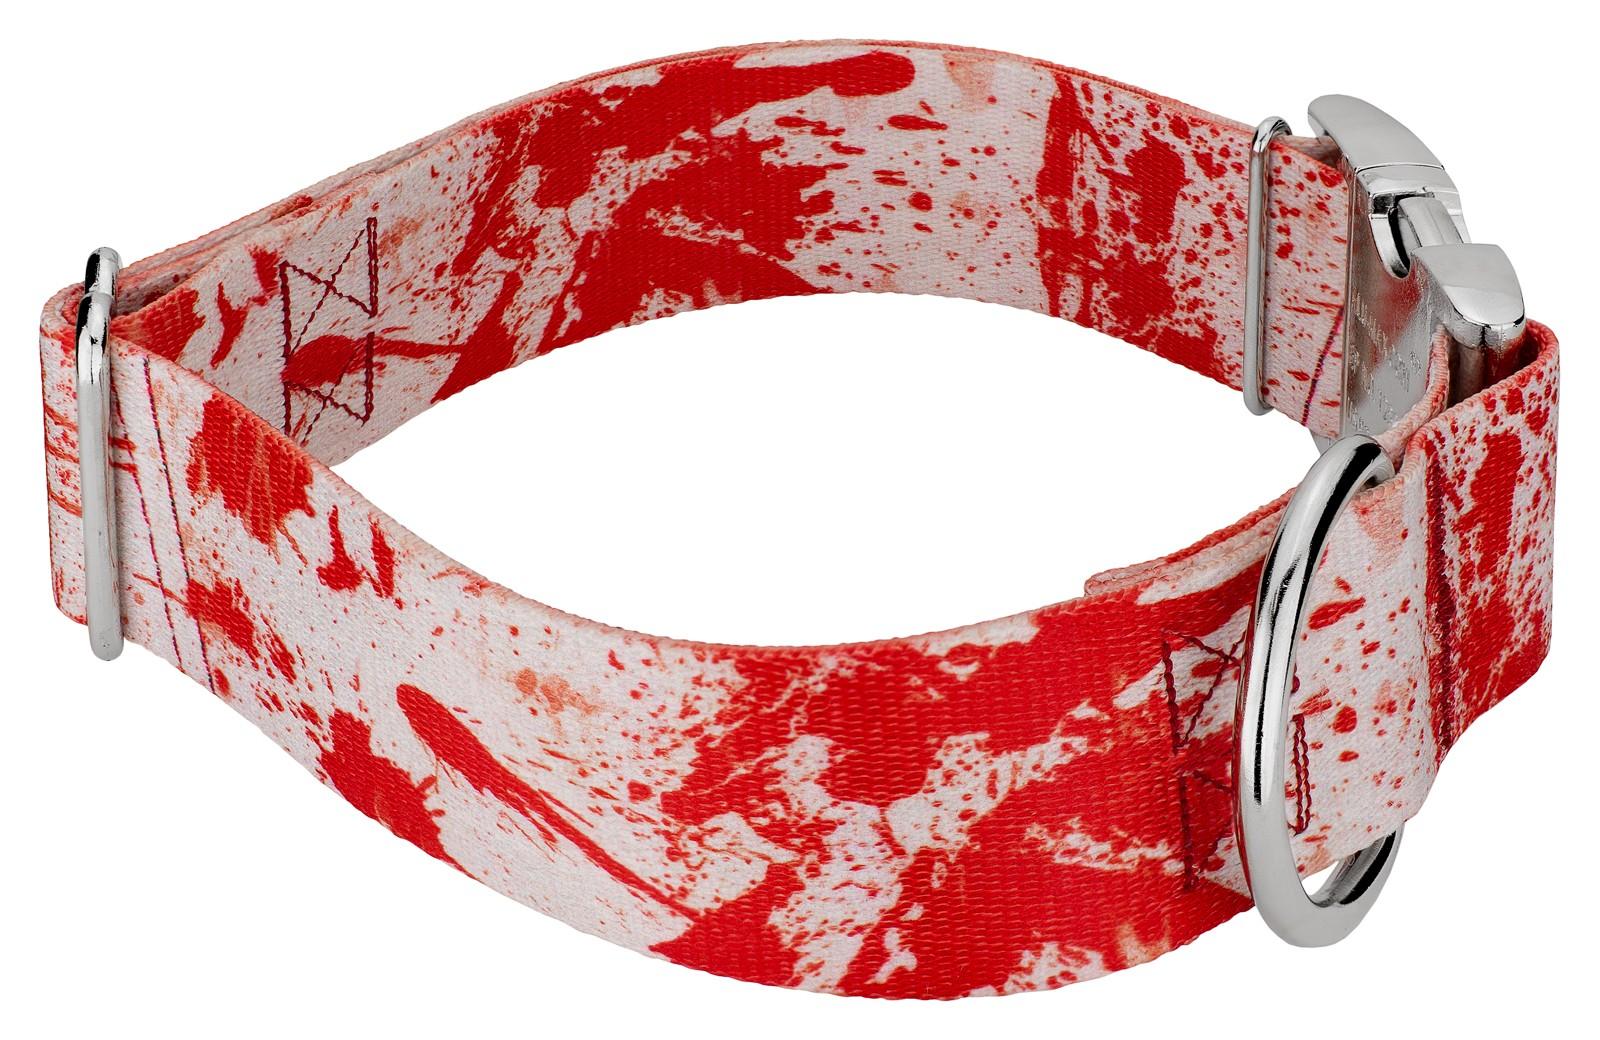 Buy 1 1/2 Inch Premium Blood Spatter Dog Collar Online